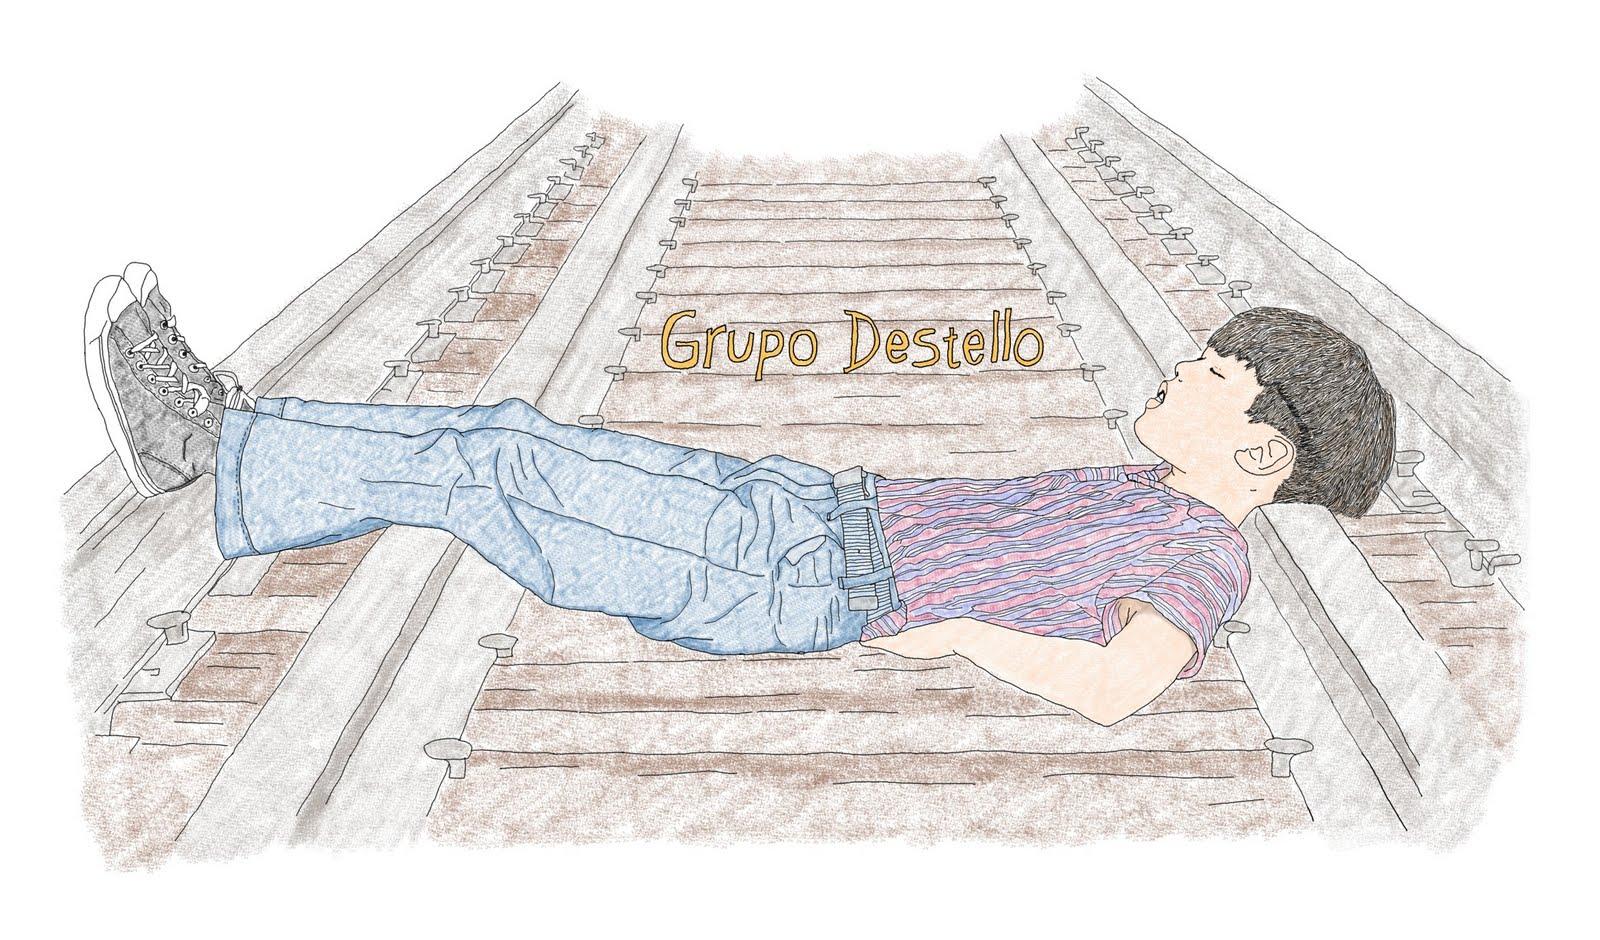 Grupo Destello